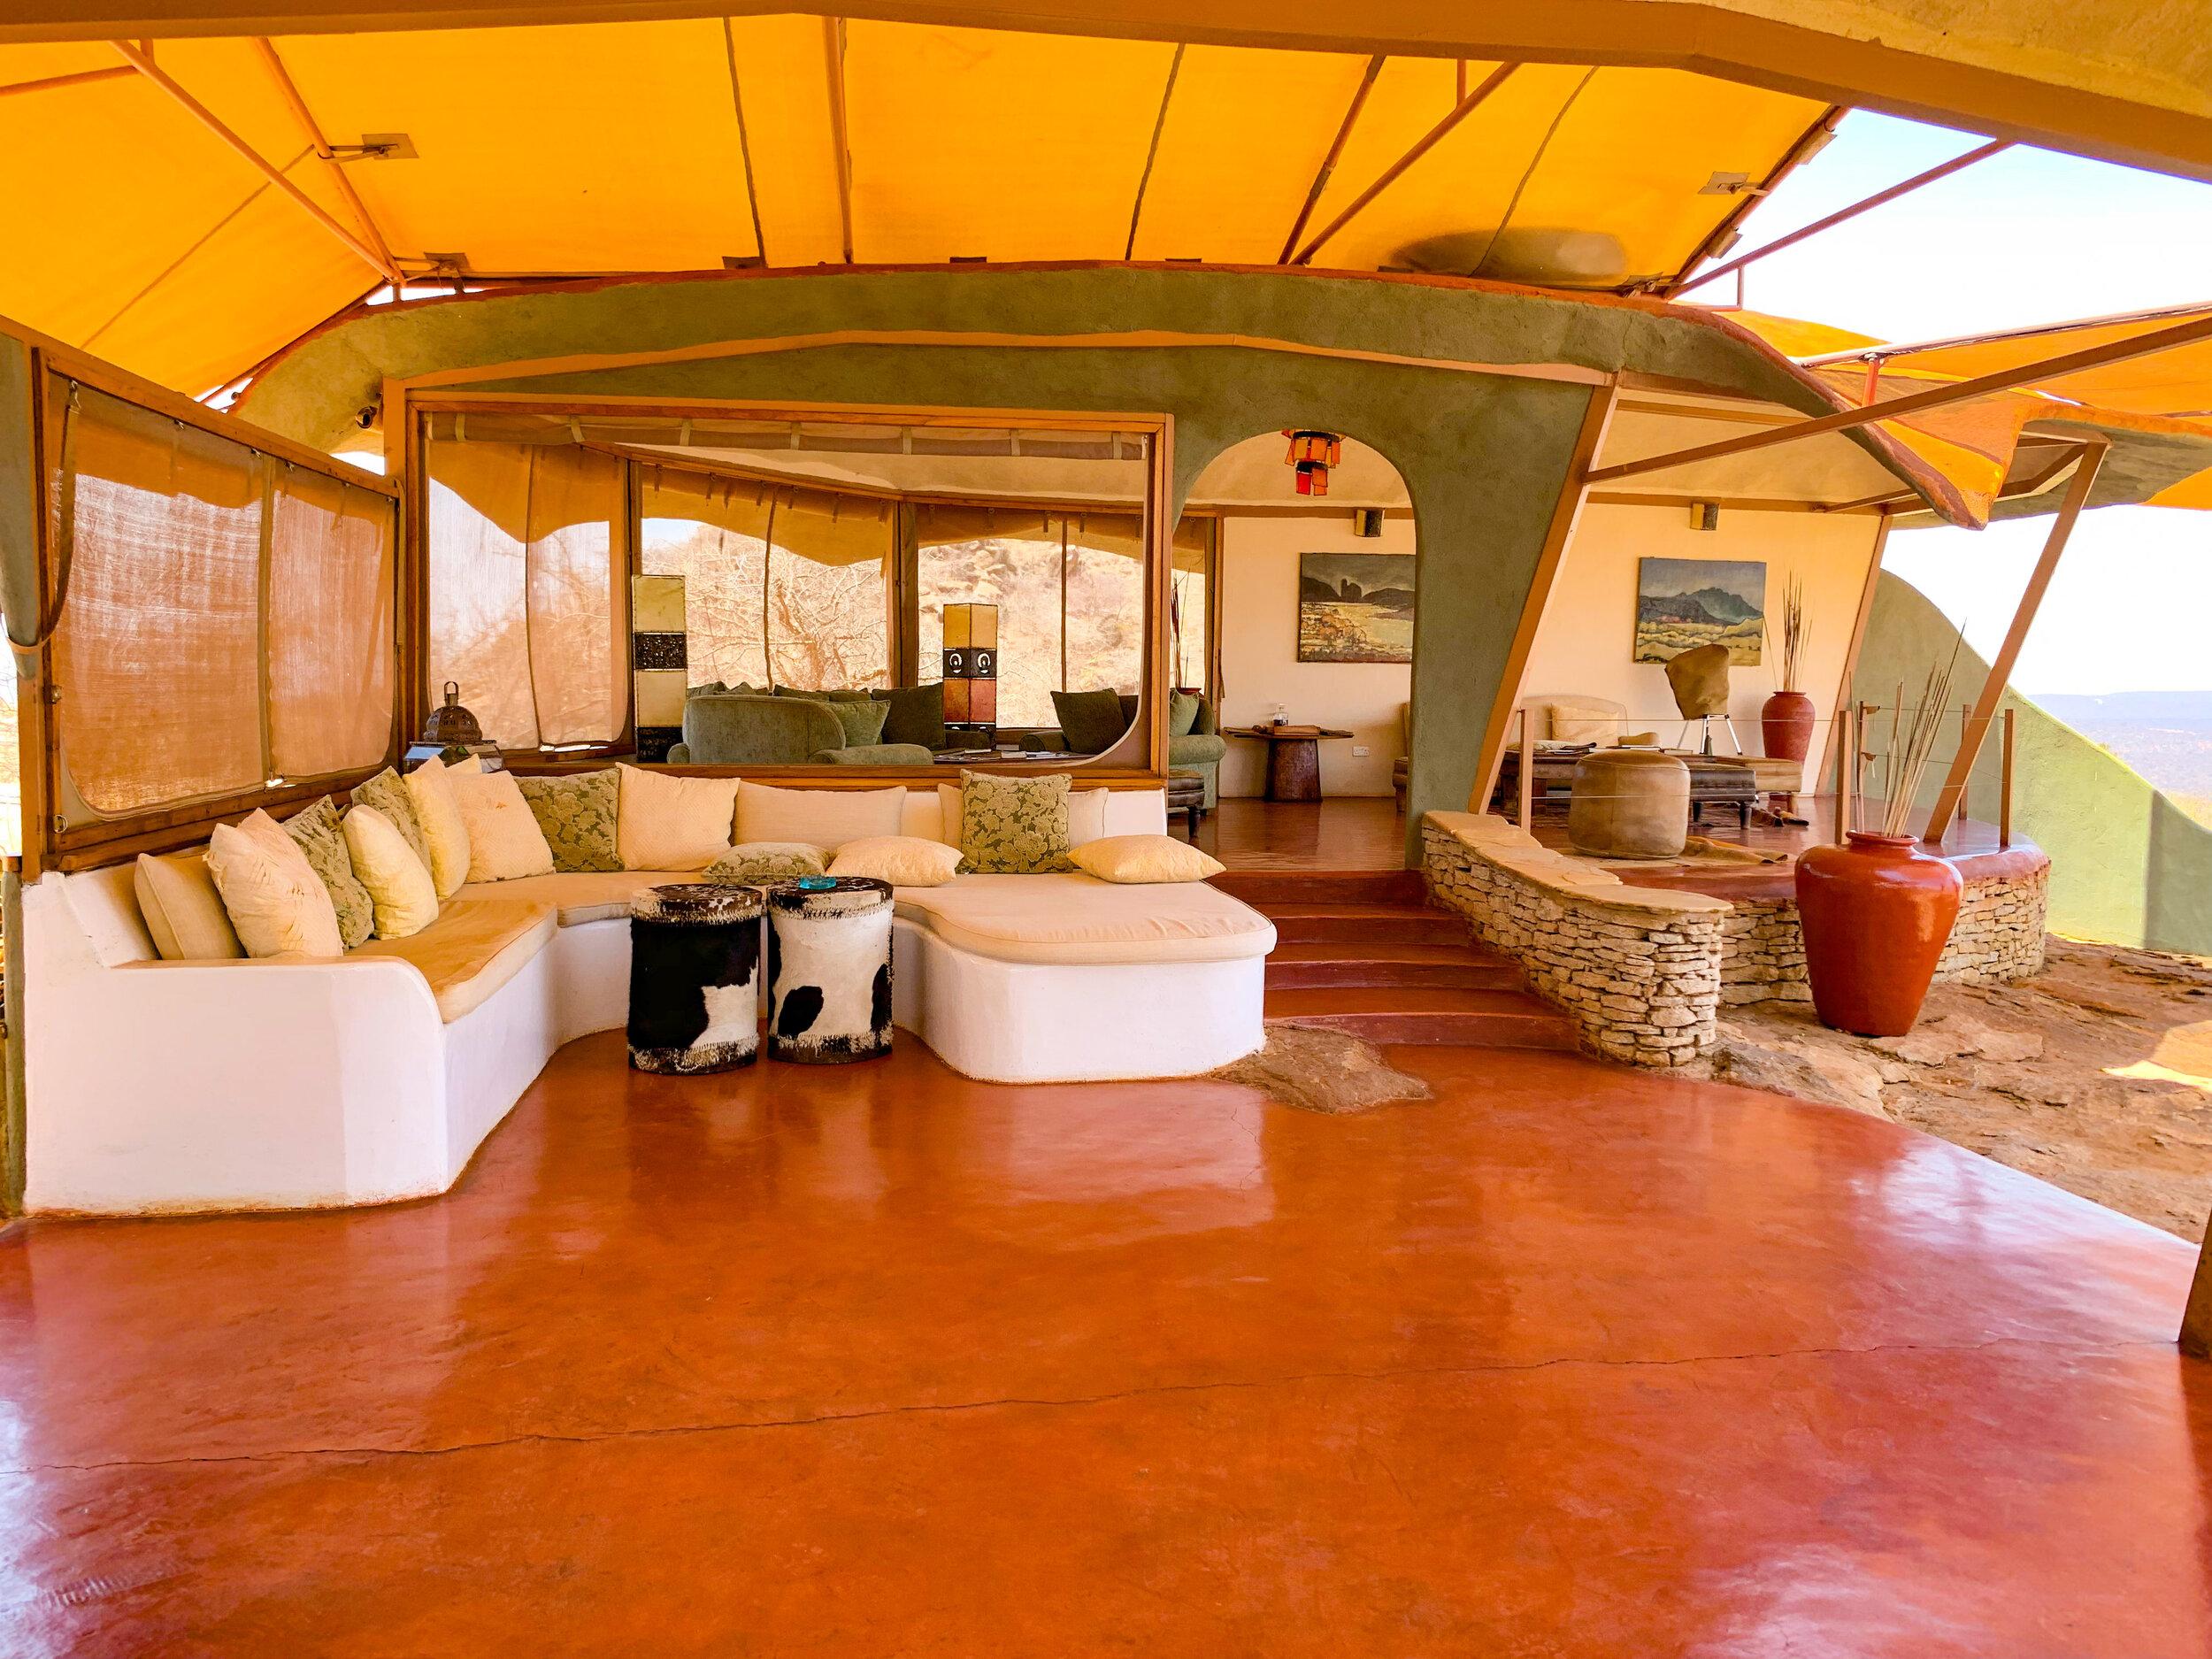 Africa_Saruni_Samburu_Kenya-Main_lodge.jpg